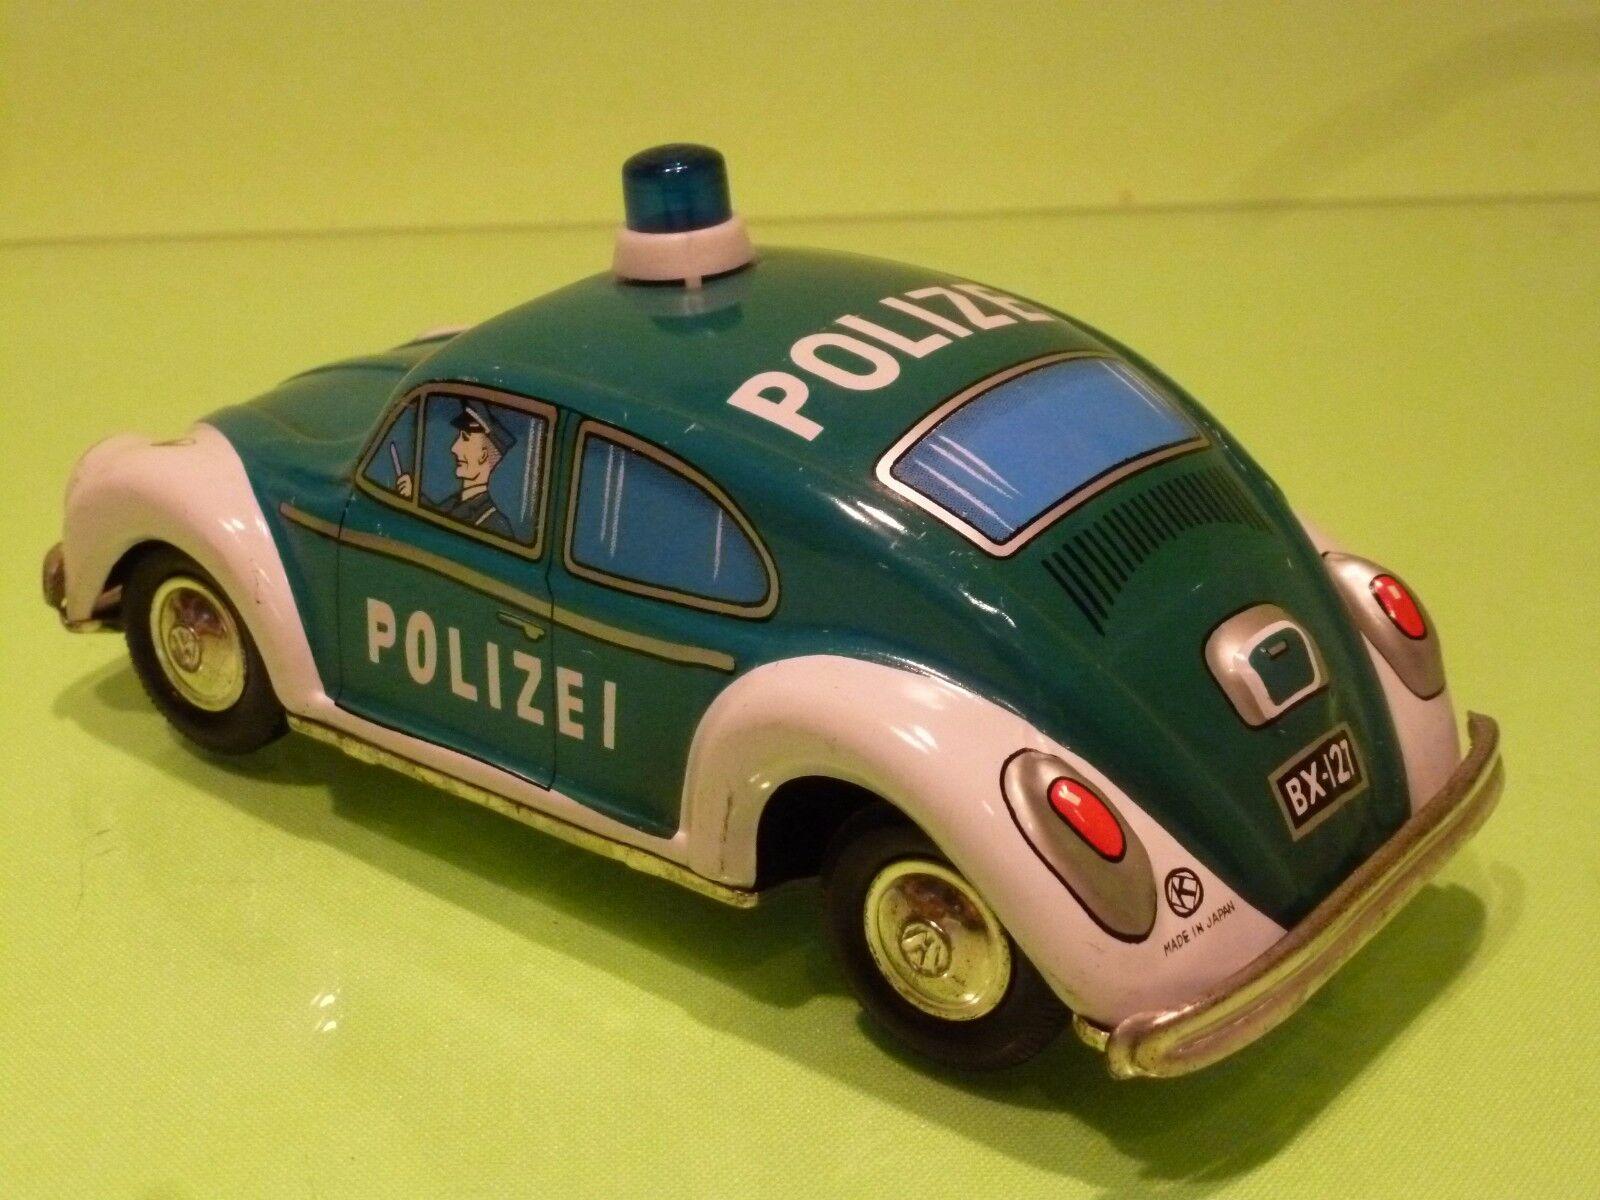 VINTAGE TIN TOY BLECH JAPAN K TOY - VW VW VW VOLKSWAGEN BEETLE POLIZEI POLICE - RARE 202b8a